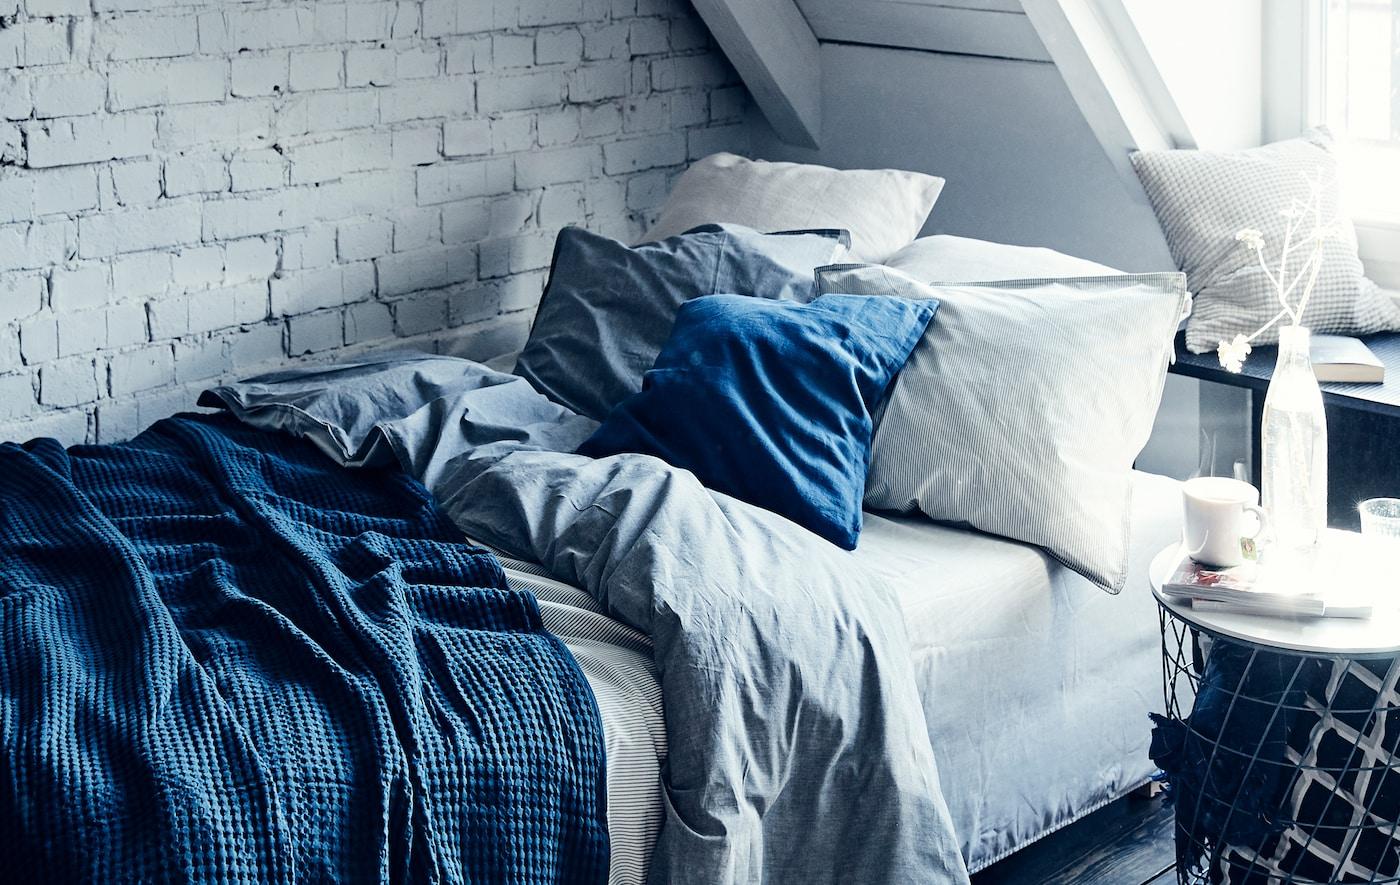 Un lit avec du linge de lit rayé bleu et blanc et des coussins contre un mur de briques peint en blanc.